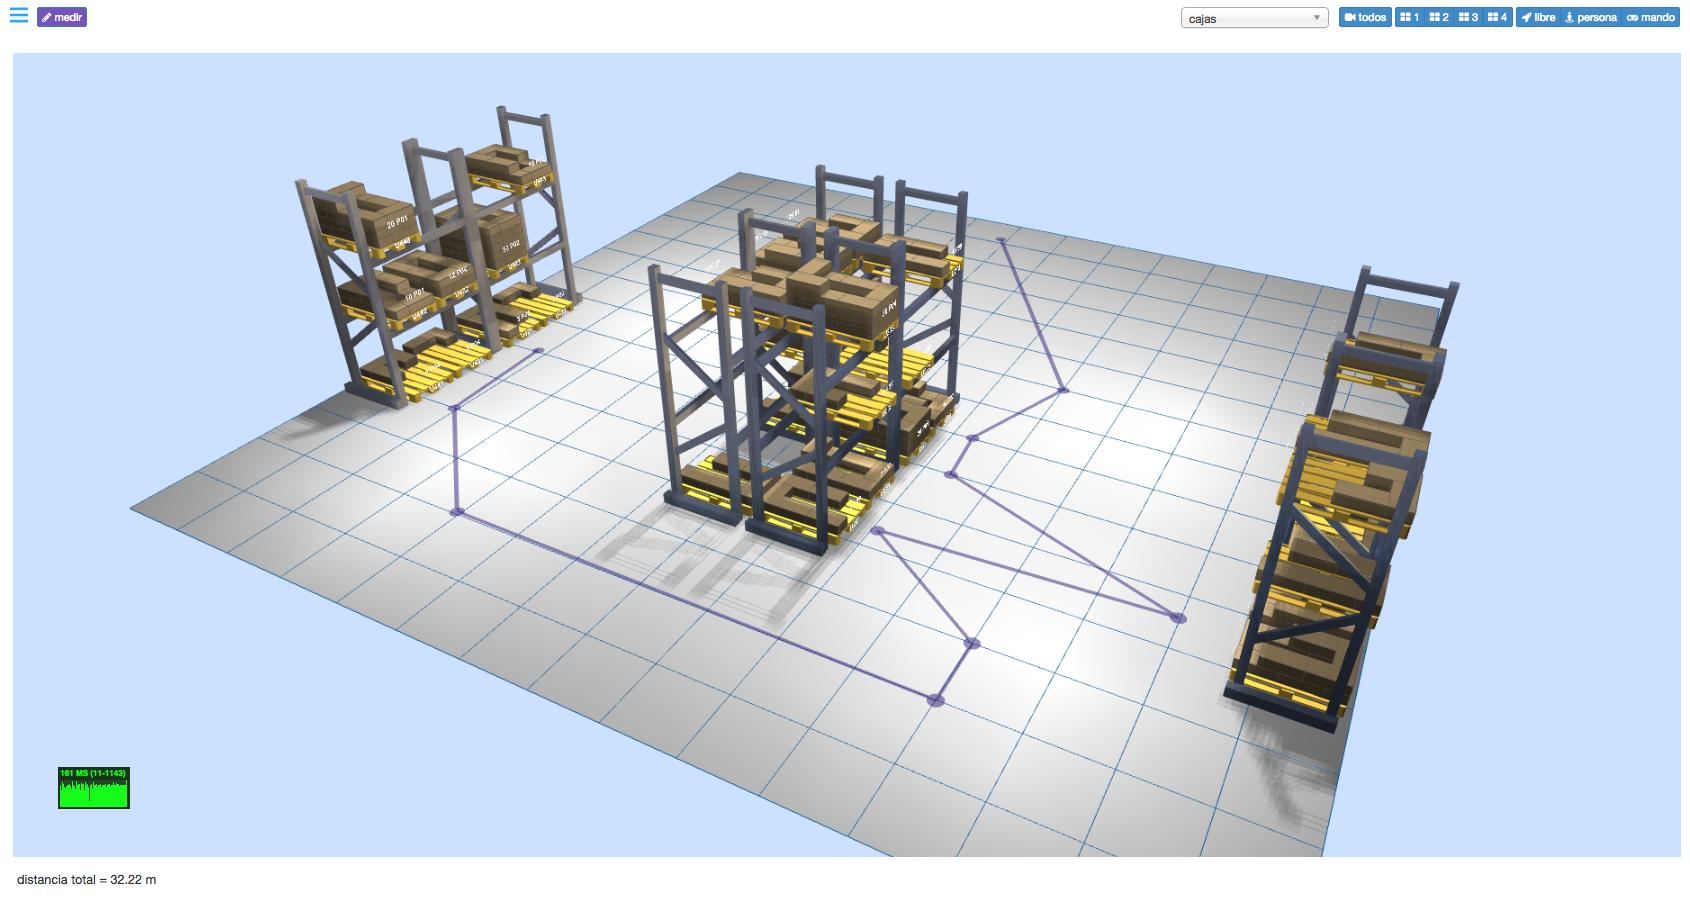 LLOG - dibujando y calculando rutas de picking en el almacén 3D